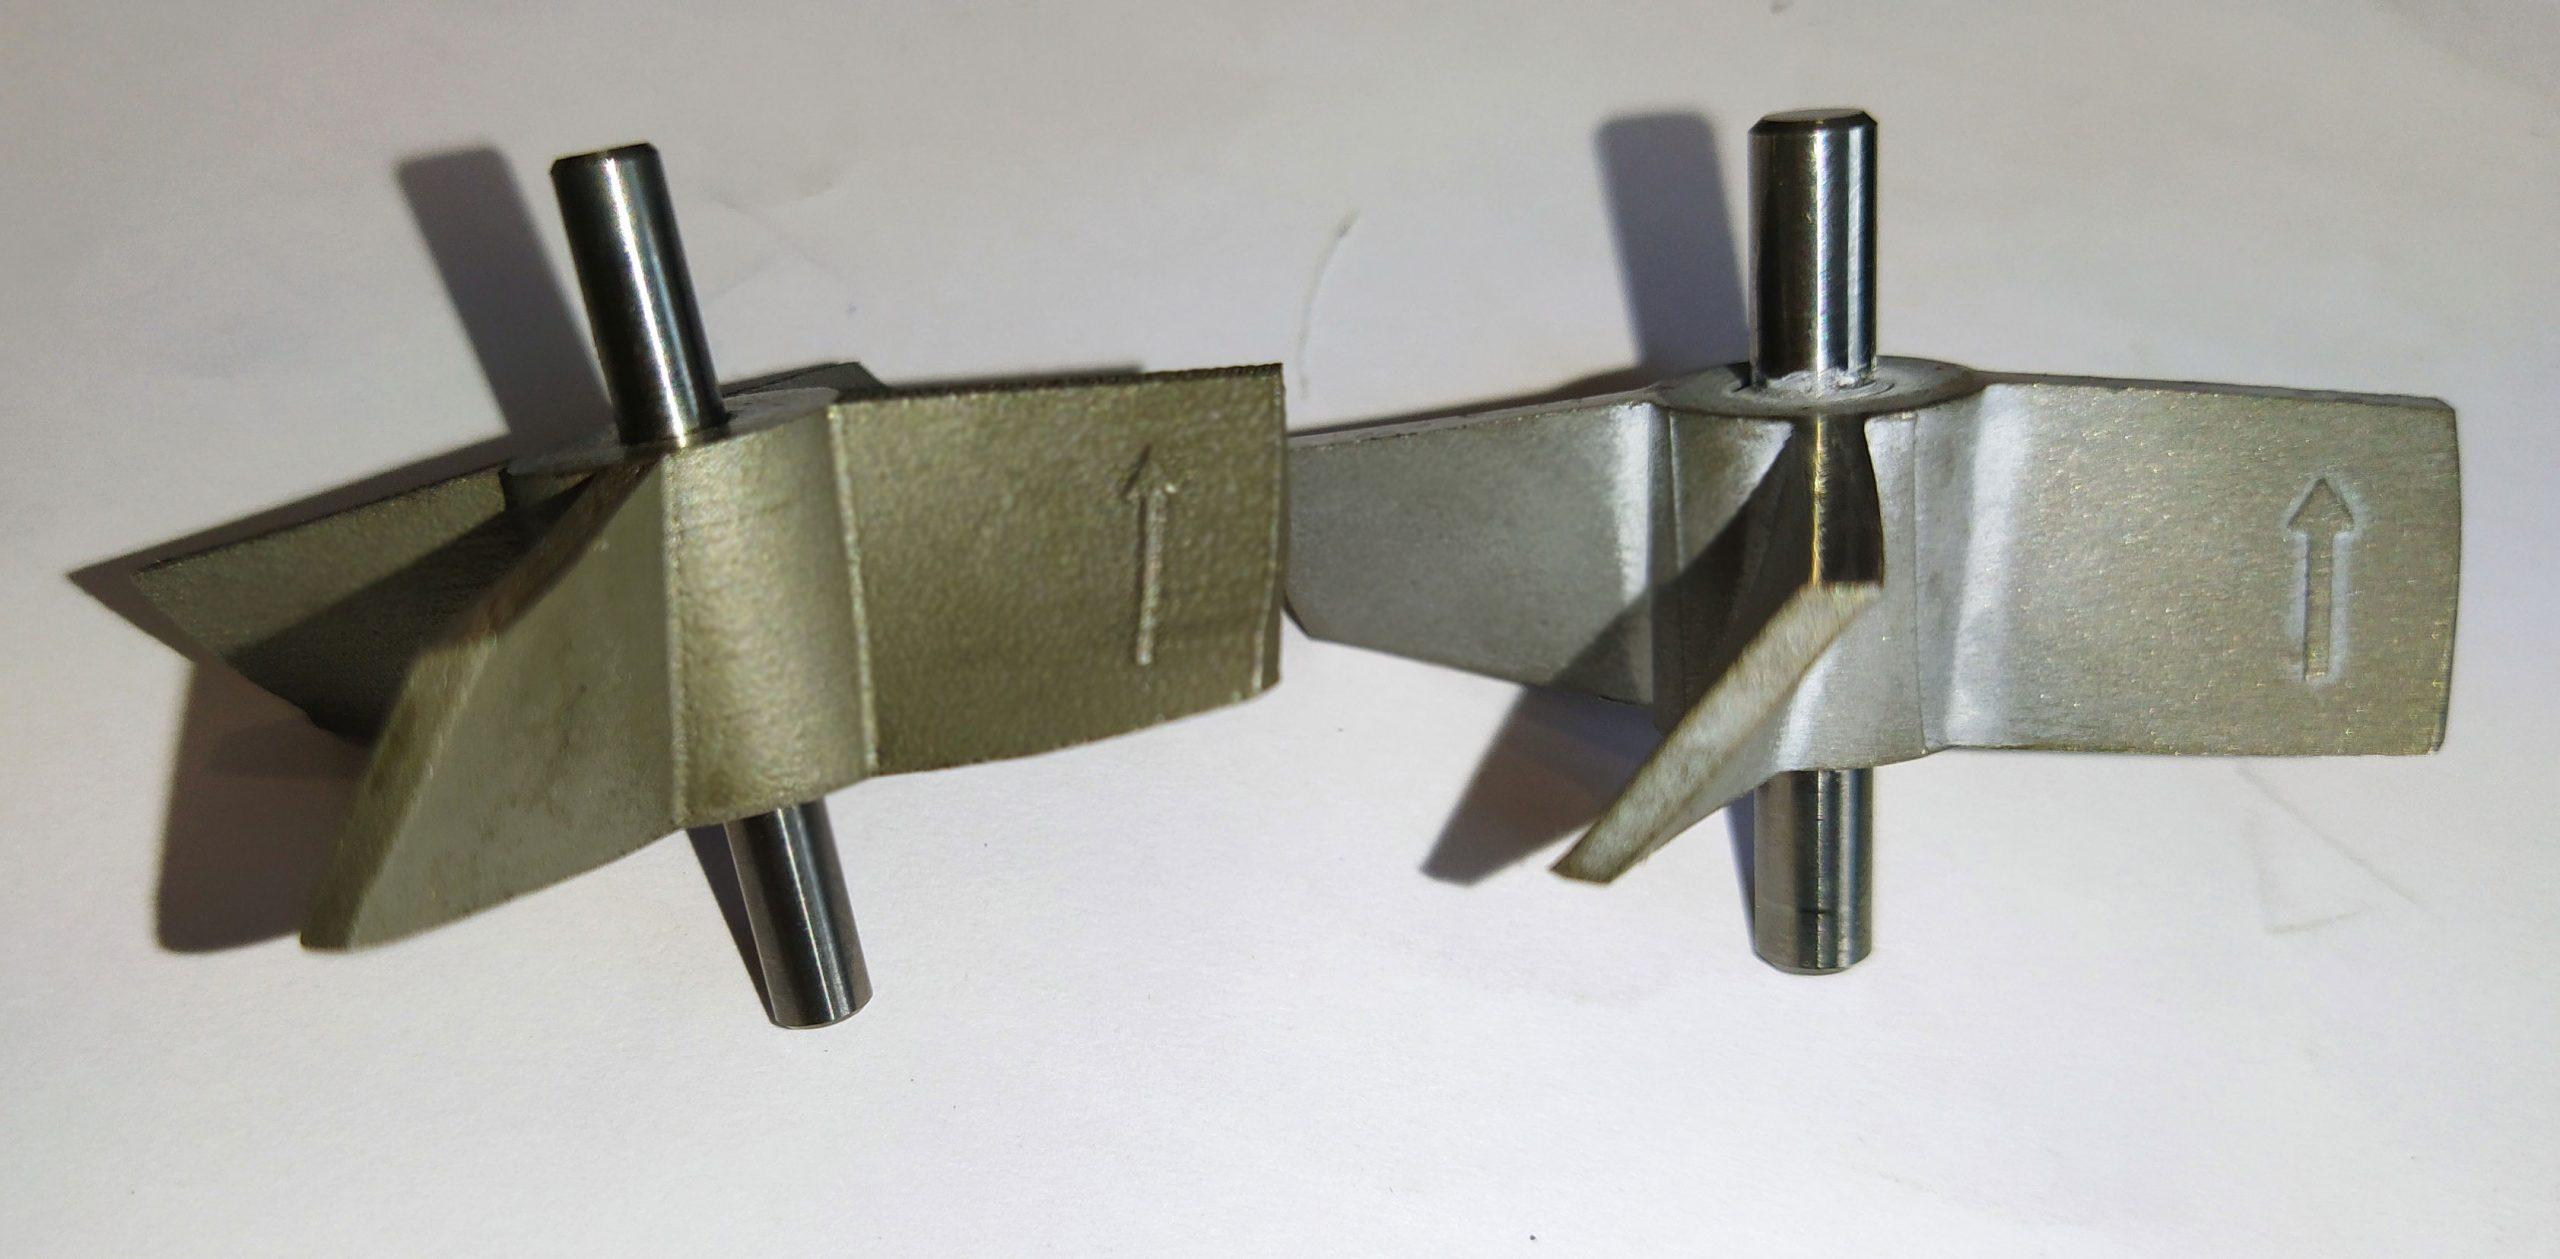 نمونه ای از قطعات ساخته شده